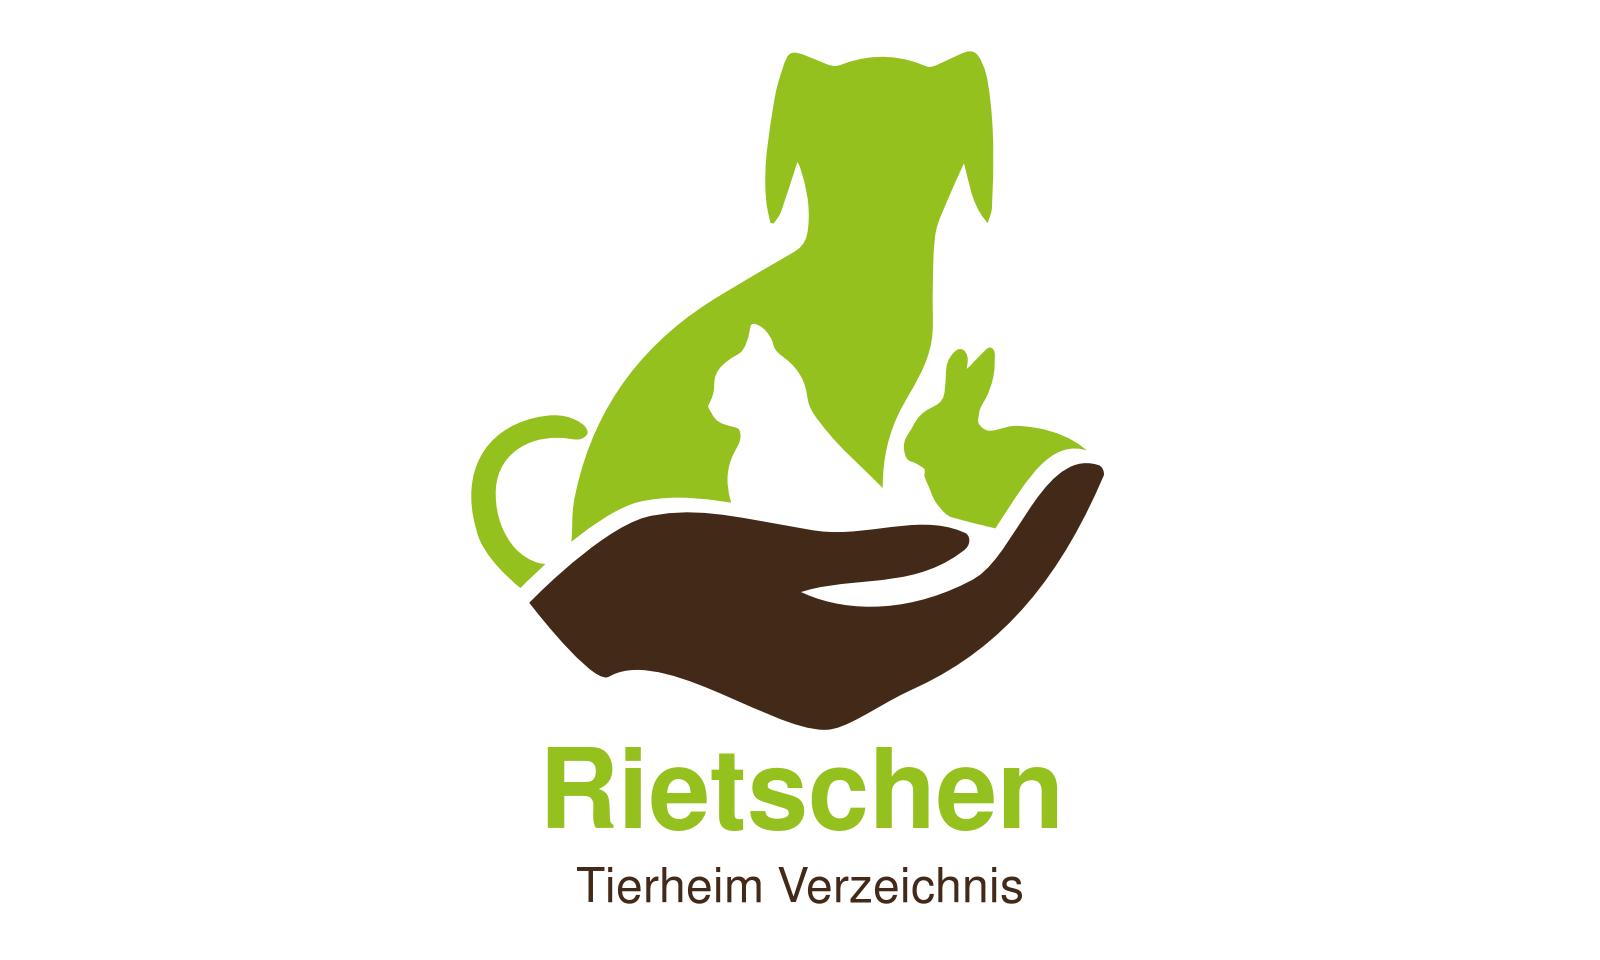 Tierheim Rietschen